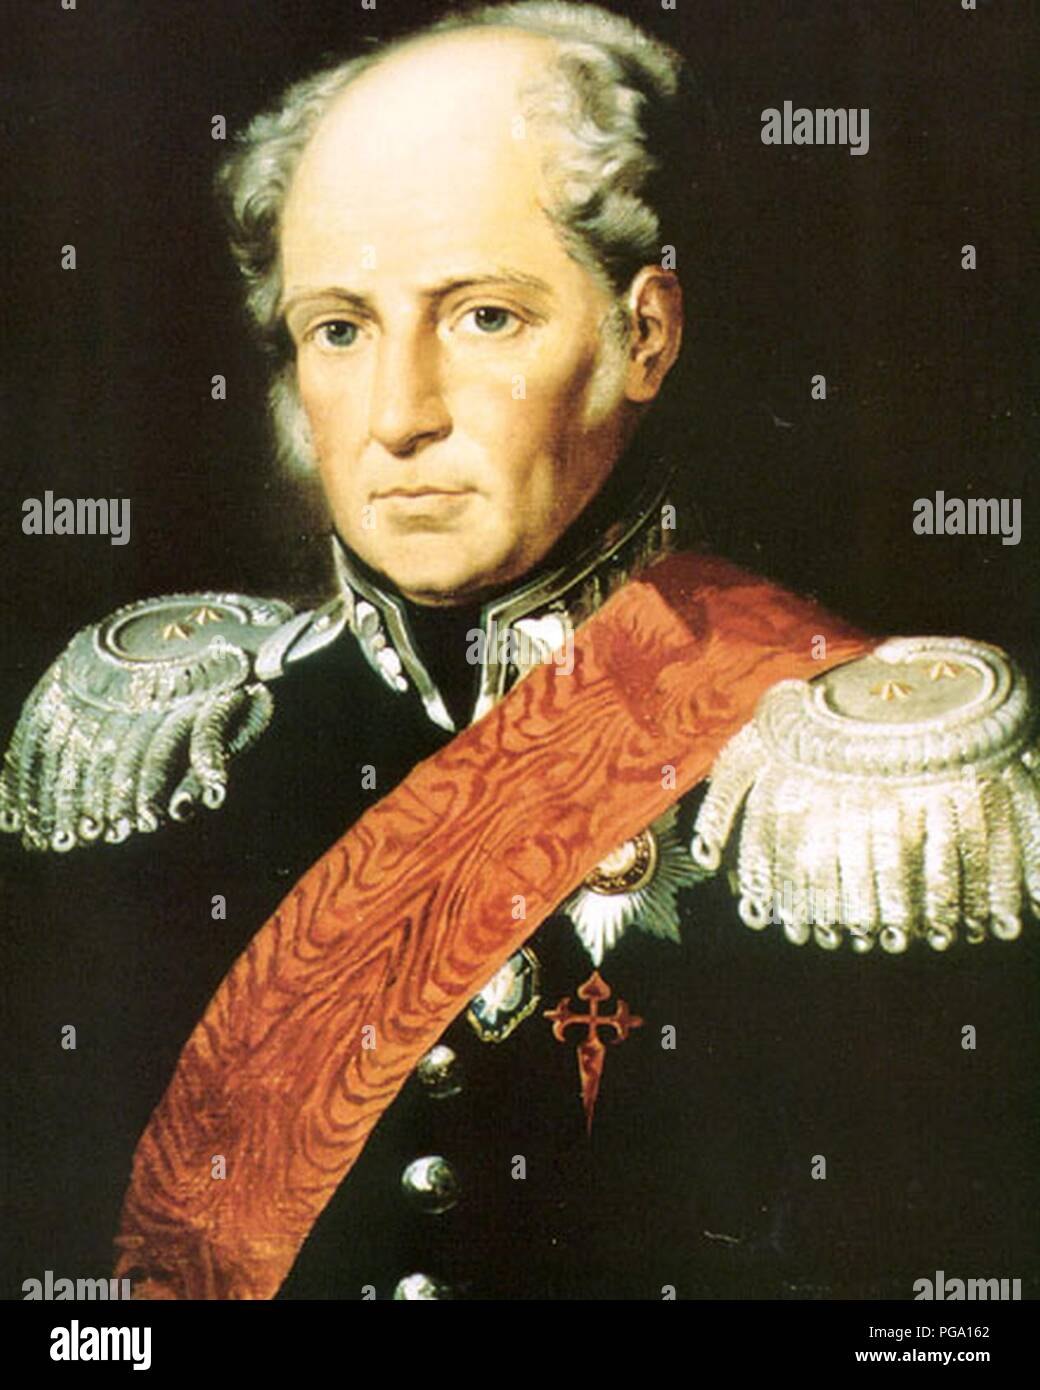 Augustin de Betancourt in Russian attire 1810s. - Stock Image